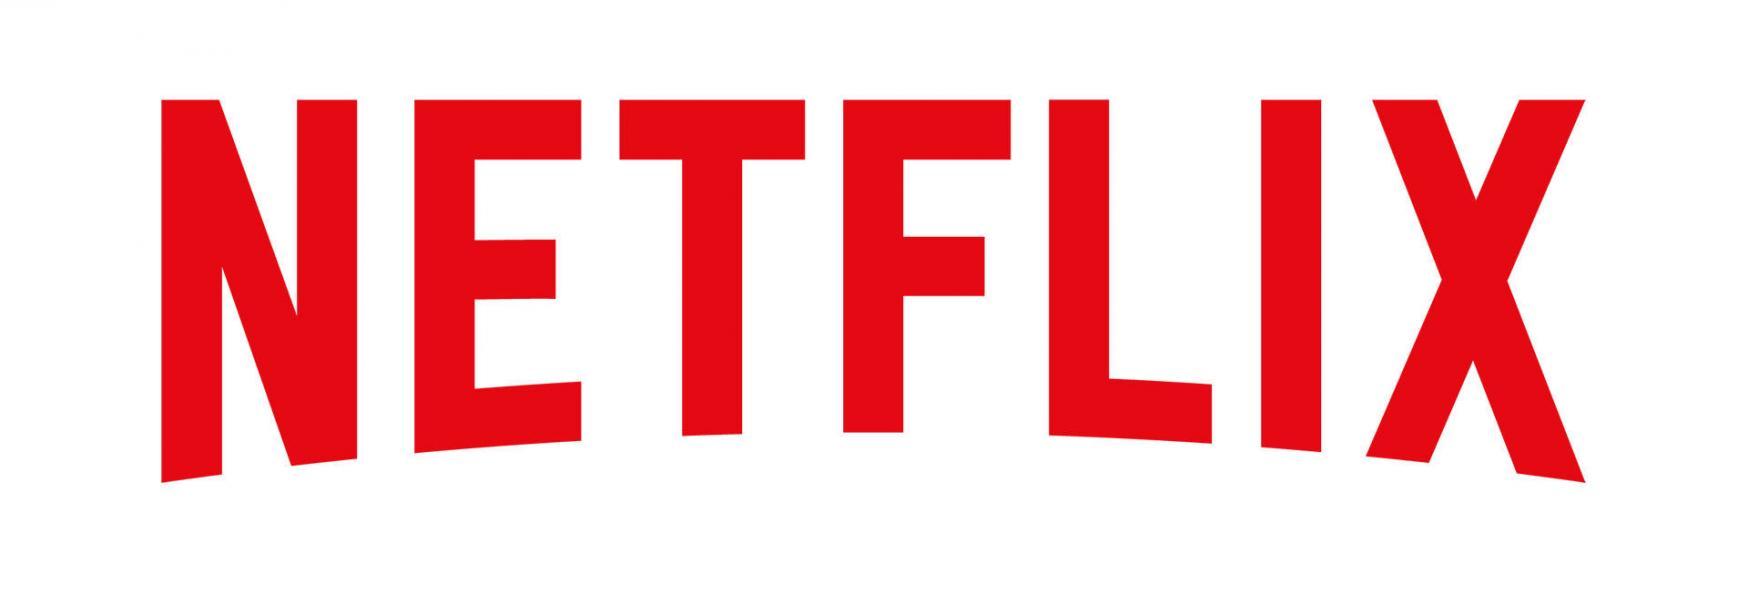 Midnight Mass: Iniziata la Produzione di una Nuova Serie TV Horror targata Netflix